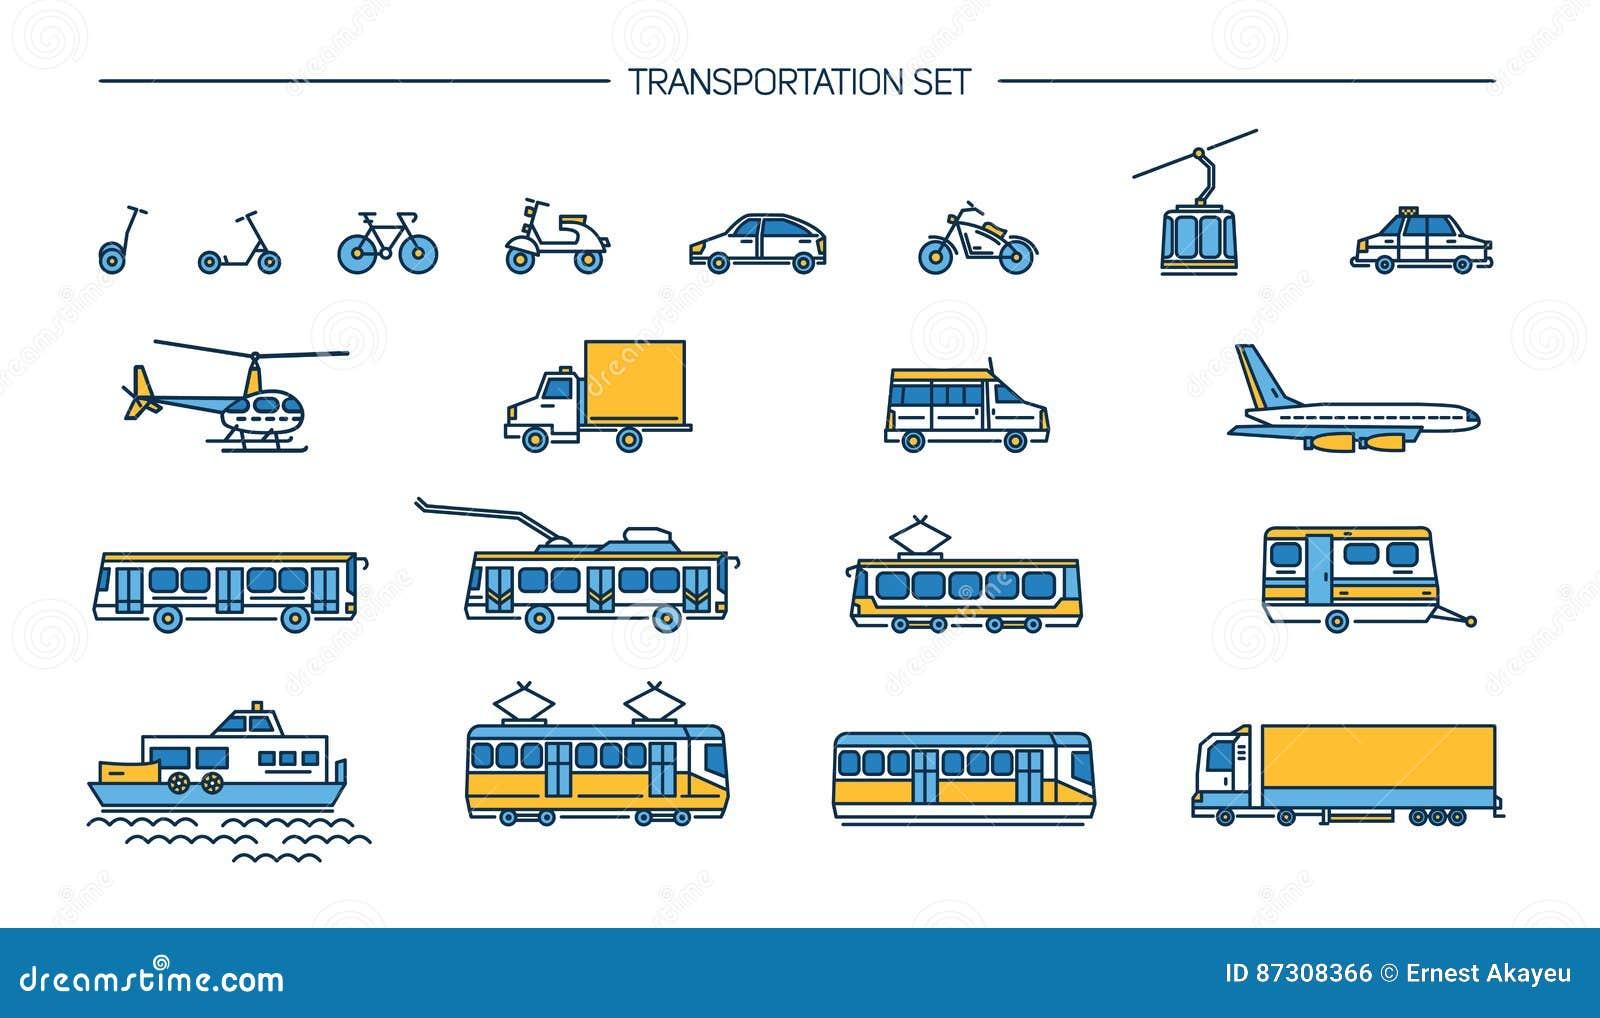 Lineartpictogram dat met grondvervoer, luchtvaart en watervervoer wordt geplaatst op witte achtergrond Inzameling met fiets, bus